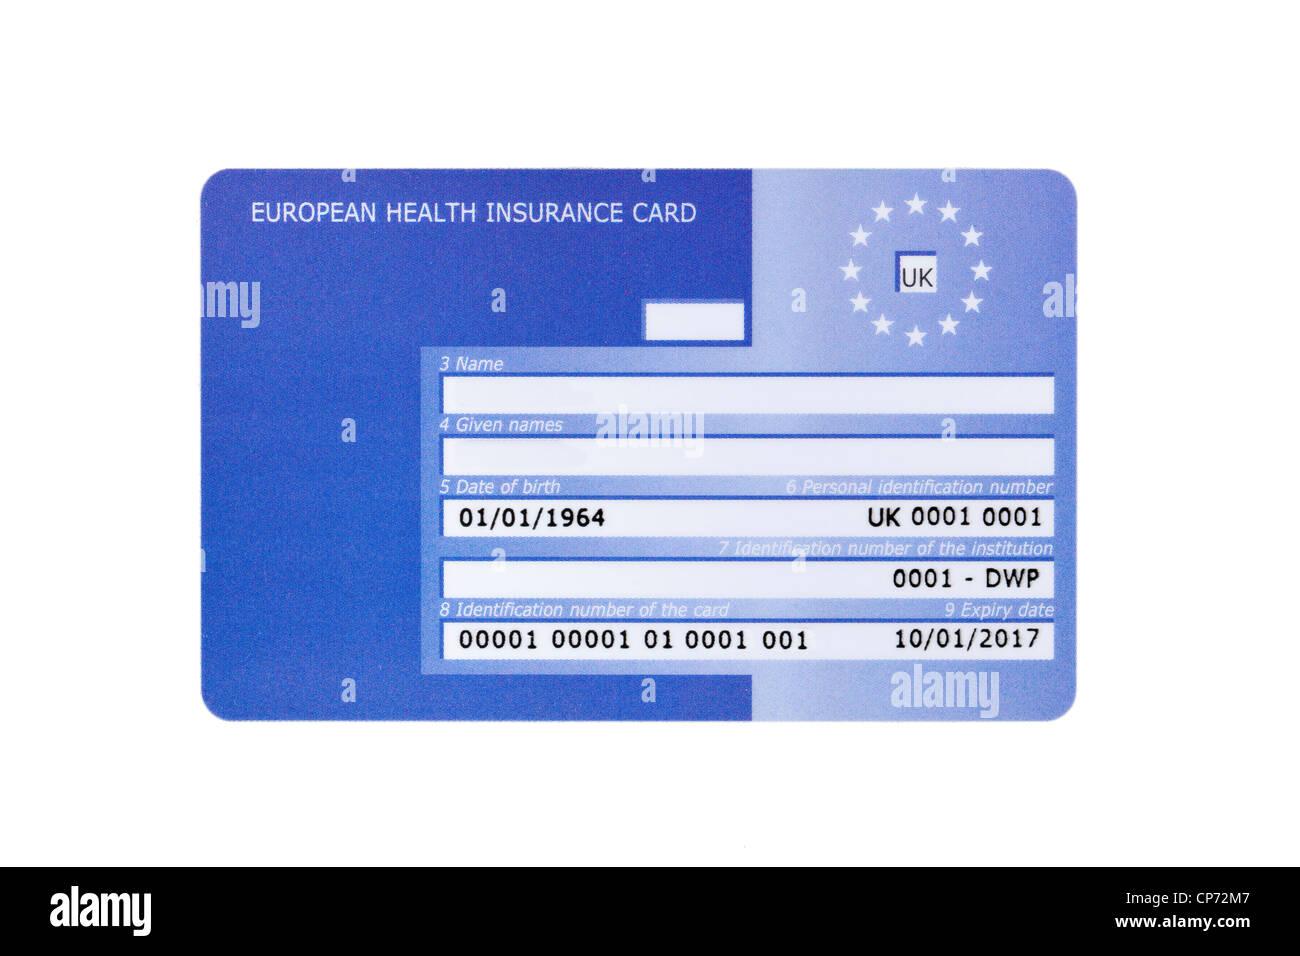 Carte Assurance Maladie Royaume Uni.Emises Au Royaume Uni Une Carte Europeenne D Assurance